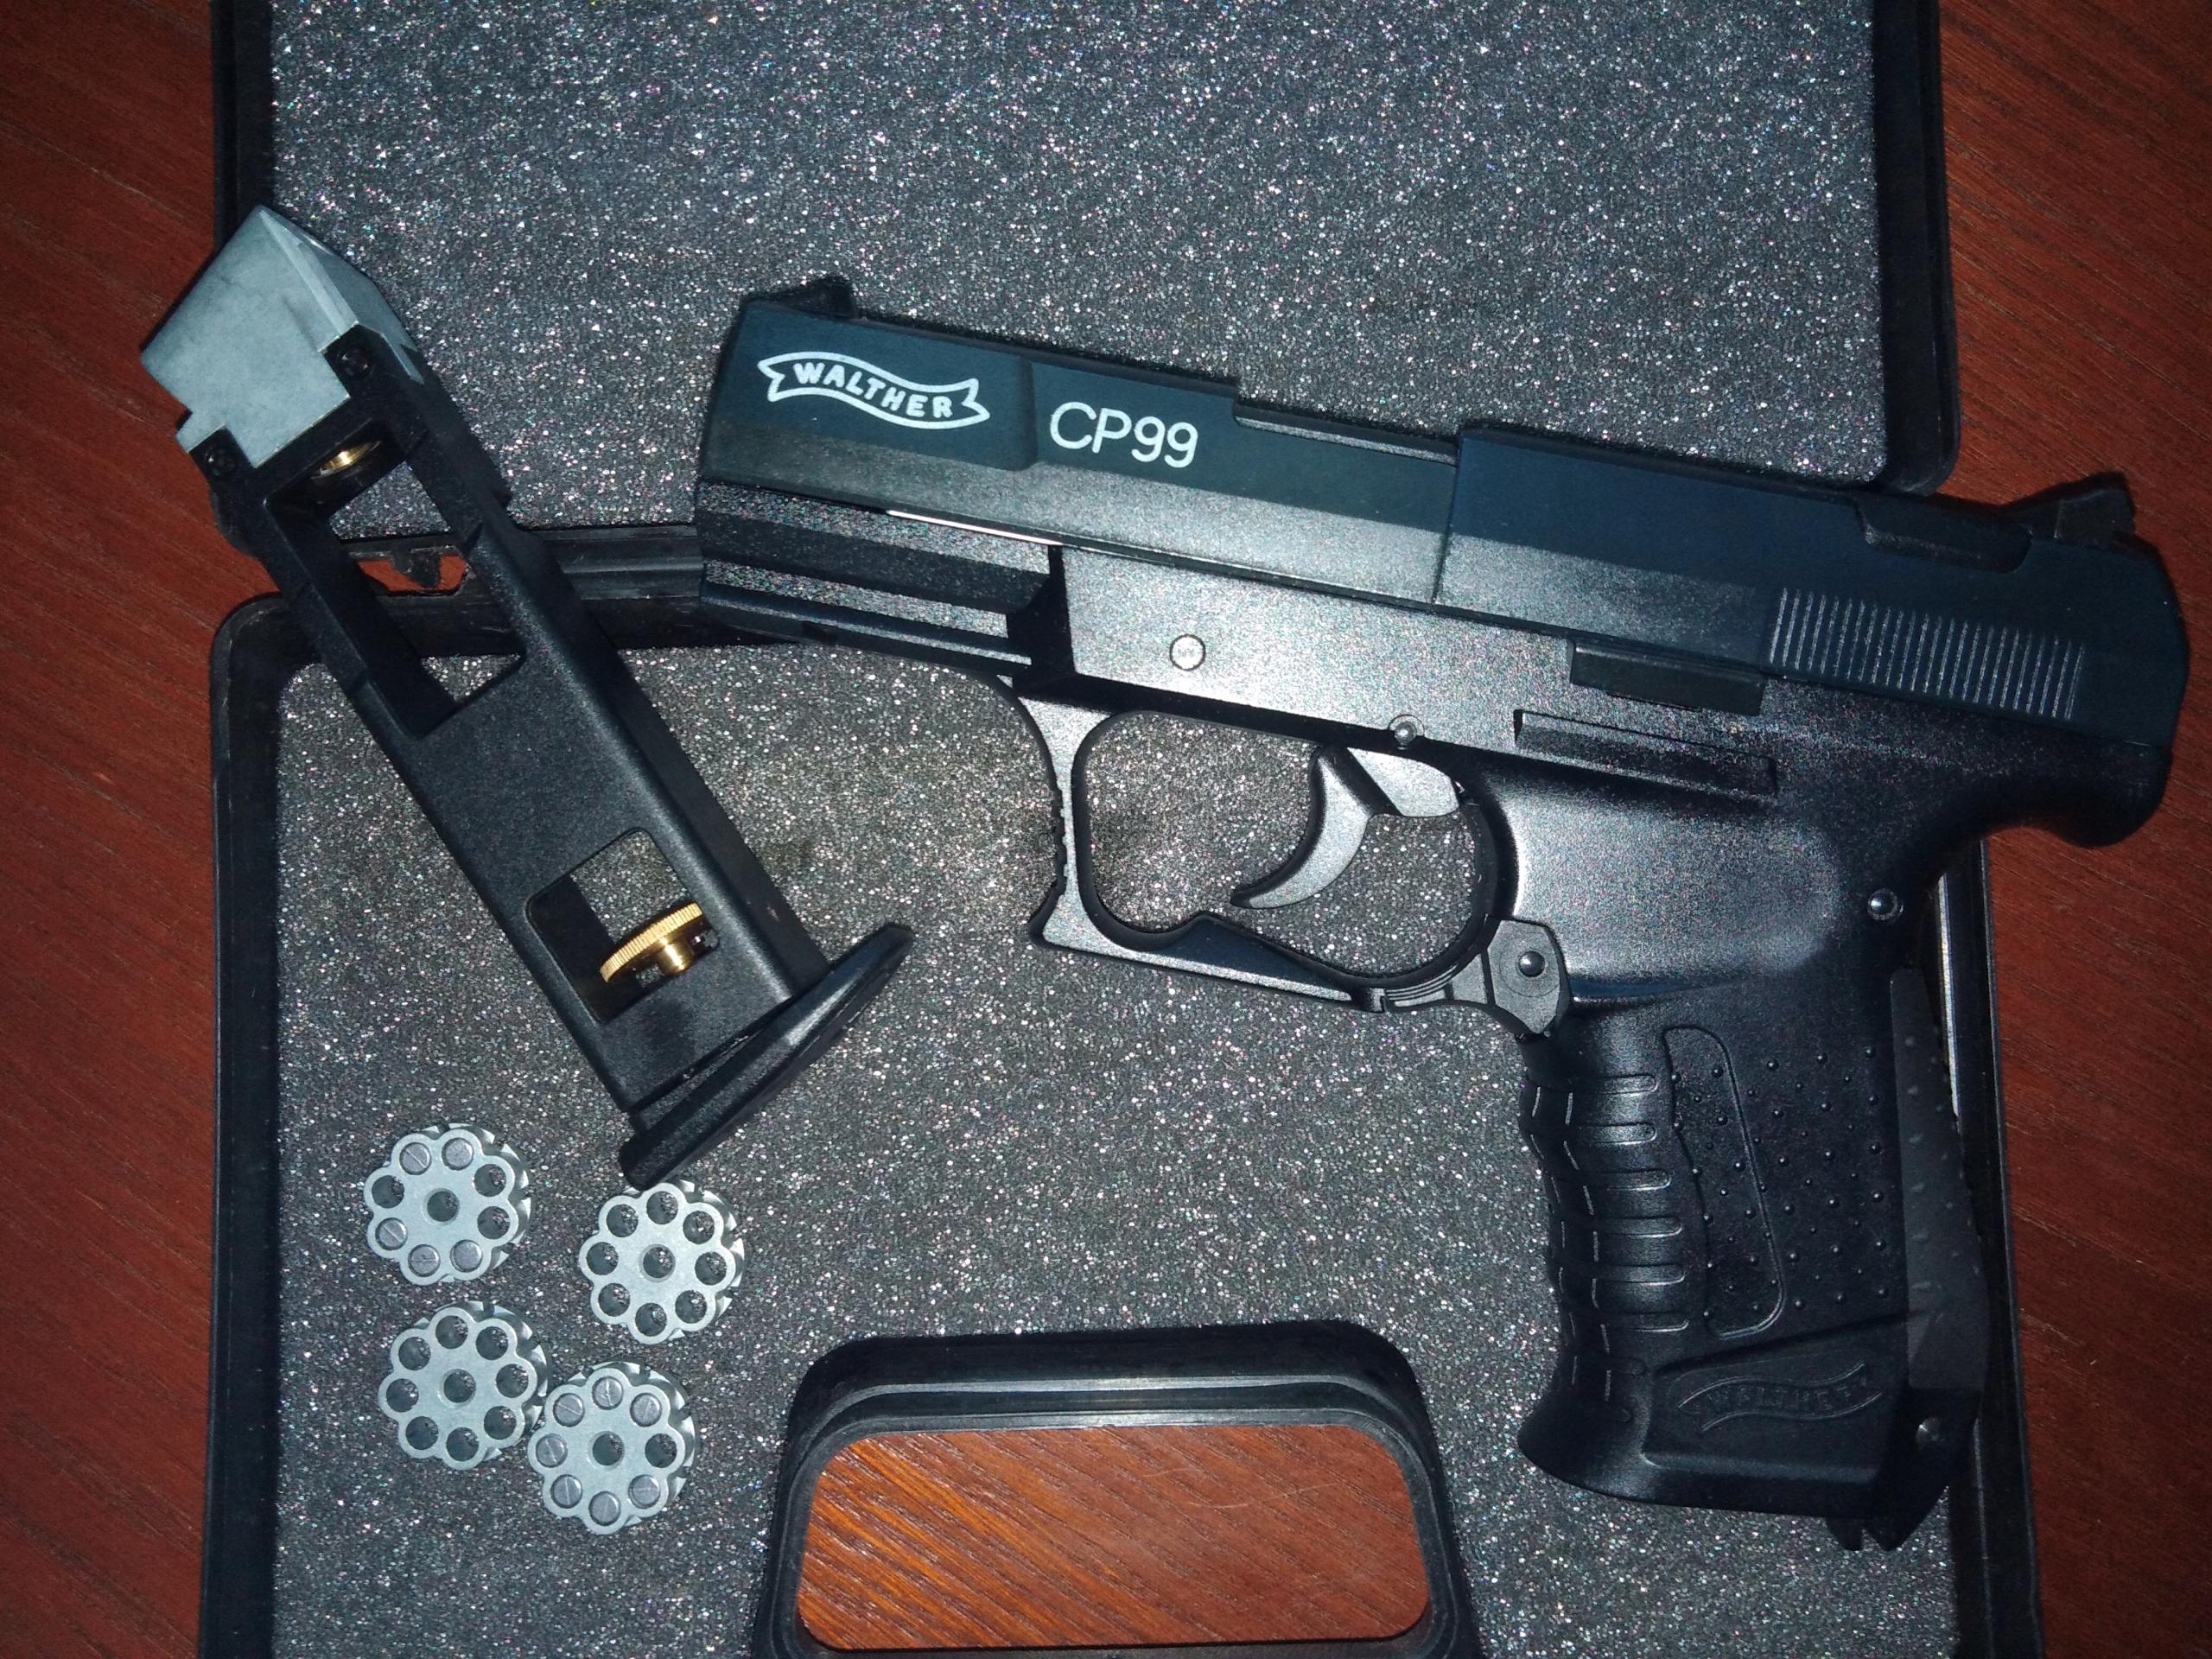 Wiatrówka Walther CP99